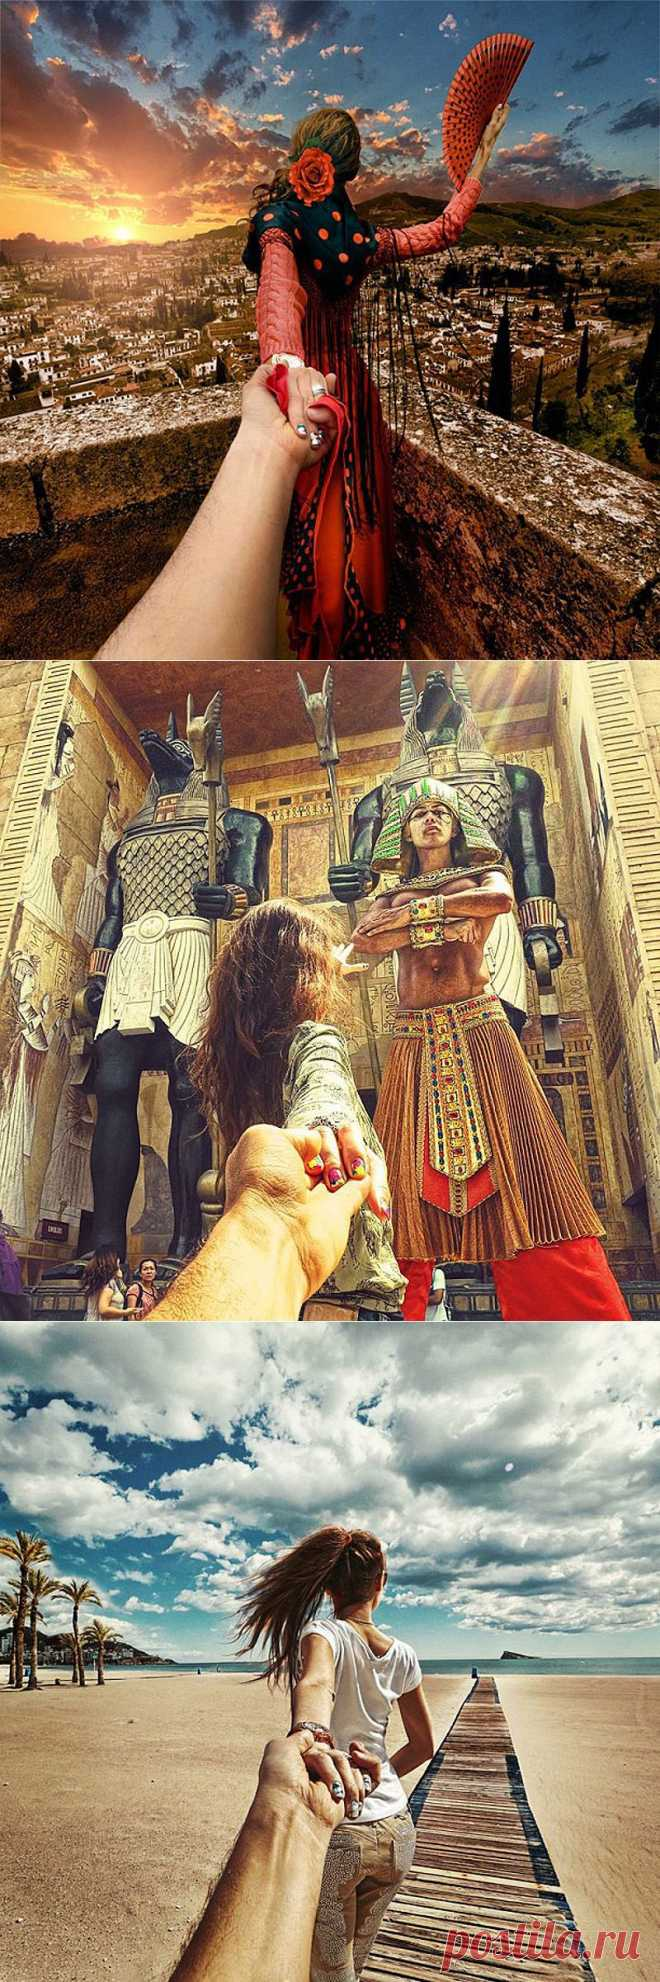 Возьми меня за руку, следуй за мной : НОВОСТИ В ФОТОГРАФИЯХ